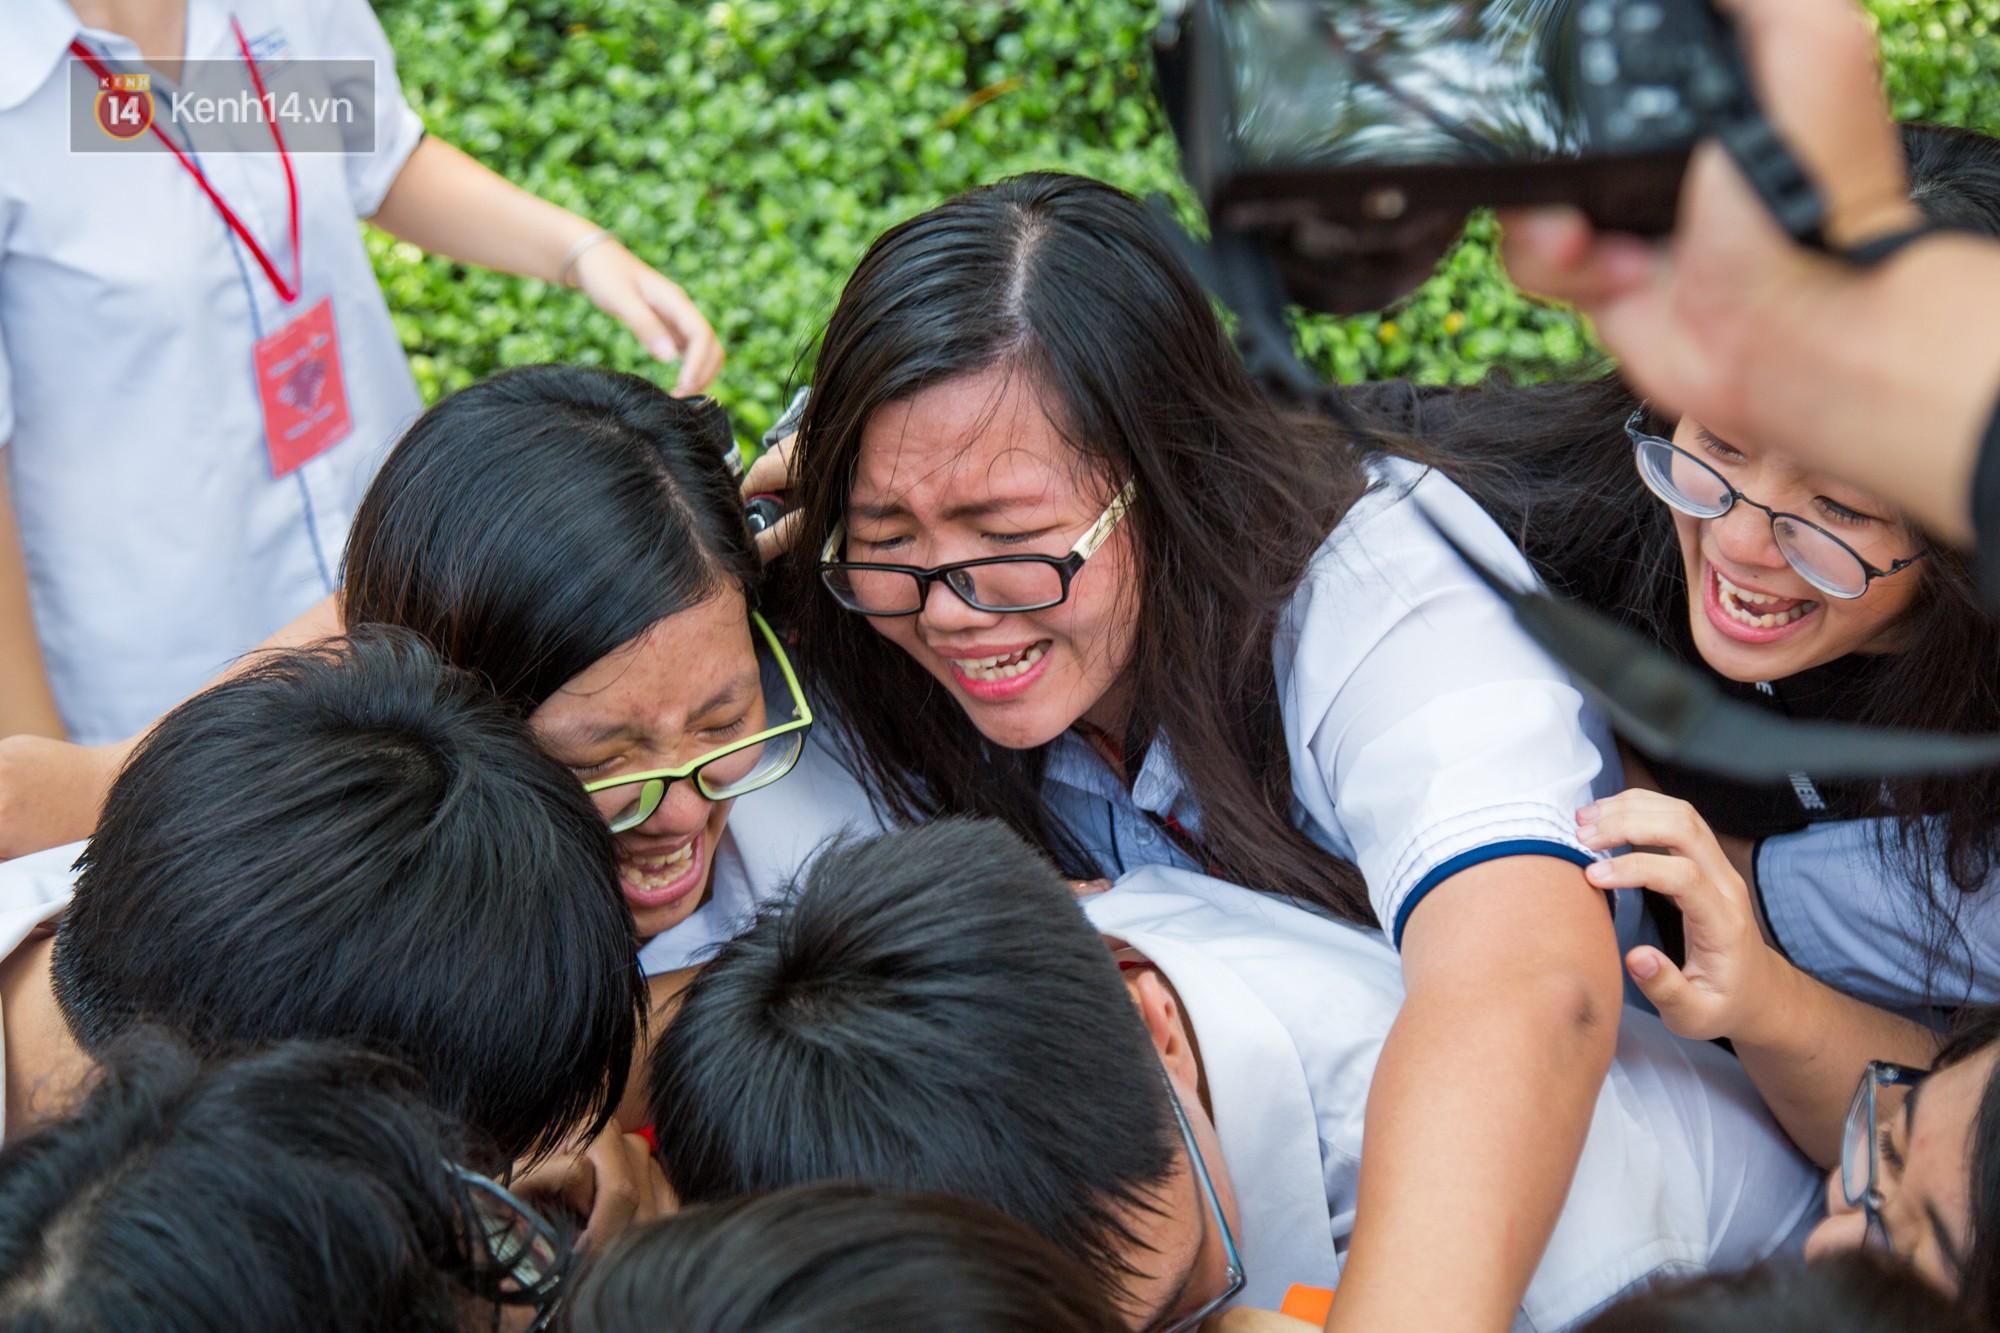 Ngày ra trường của teen Lê Hồng Phong: Nụ cười và nước mắt, bạn tôi ơi xin bên nhau thêm chút nữa!-12